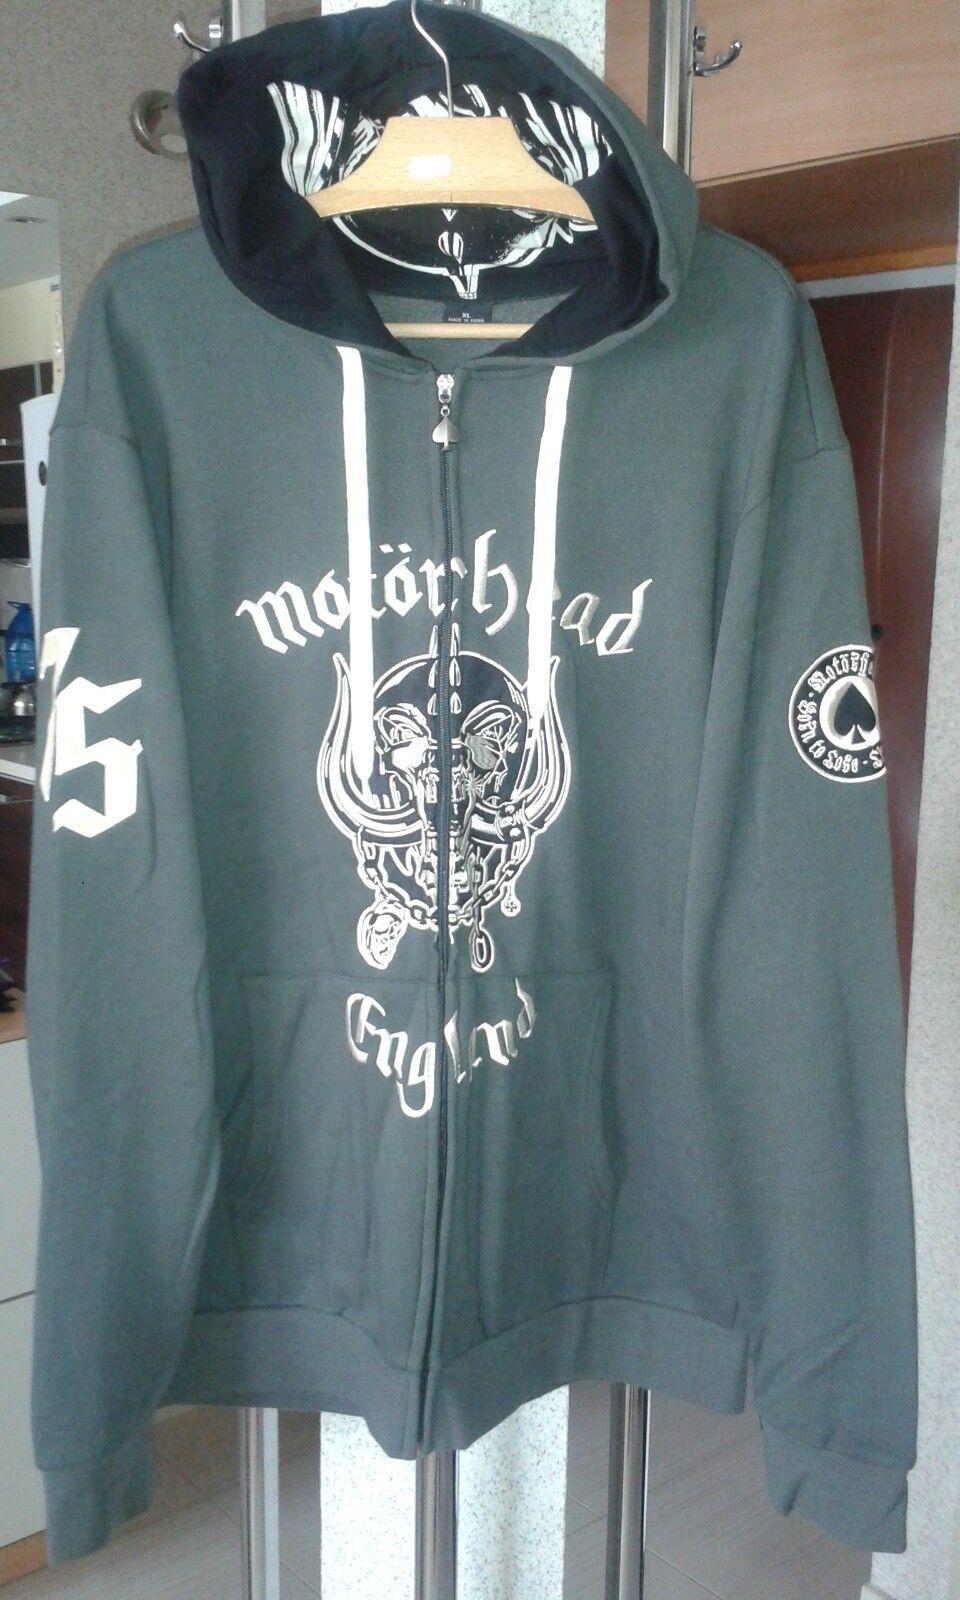 Motorhead Motörhead Lemmy zip hoodie XL Ace of Spades like NEW embroideROT patch